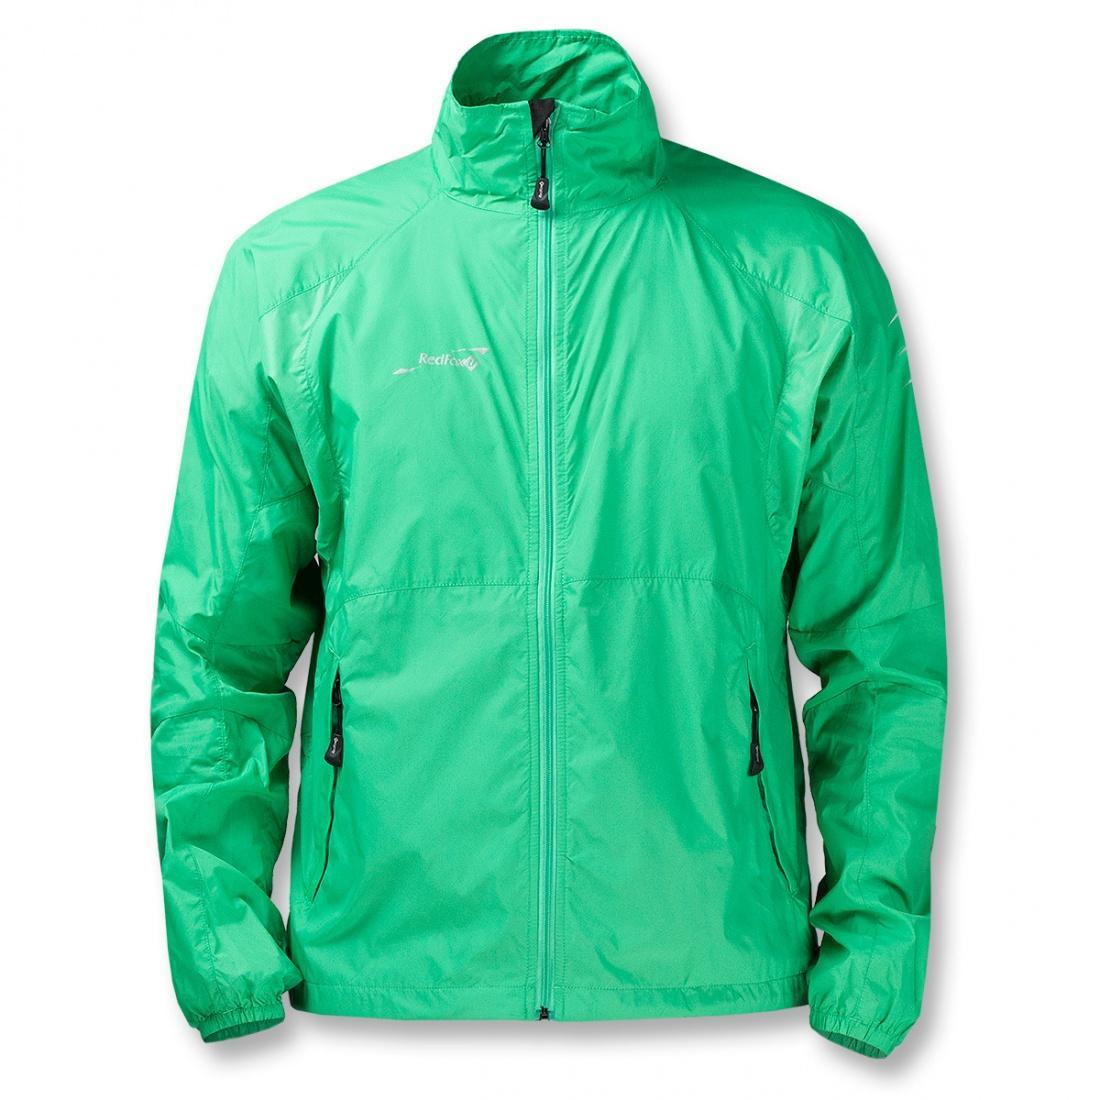 Куртка ветрозащитная Trek Light IIКуртки<br><br> Очень легкая куртка для мультиспортсменов. Отлично сочетает в себе функции защиты от ветра и максимальной свободы движений. Куртку мож...<br><br>Цвет: Зеленый<br>Размер: 50